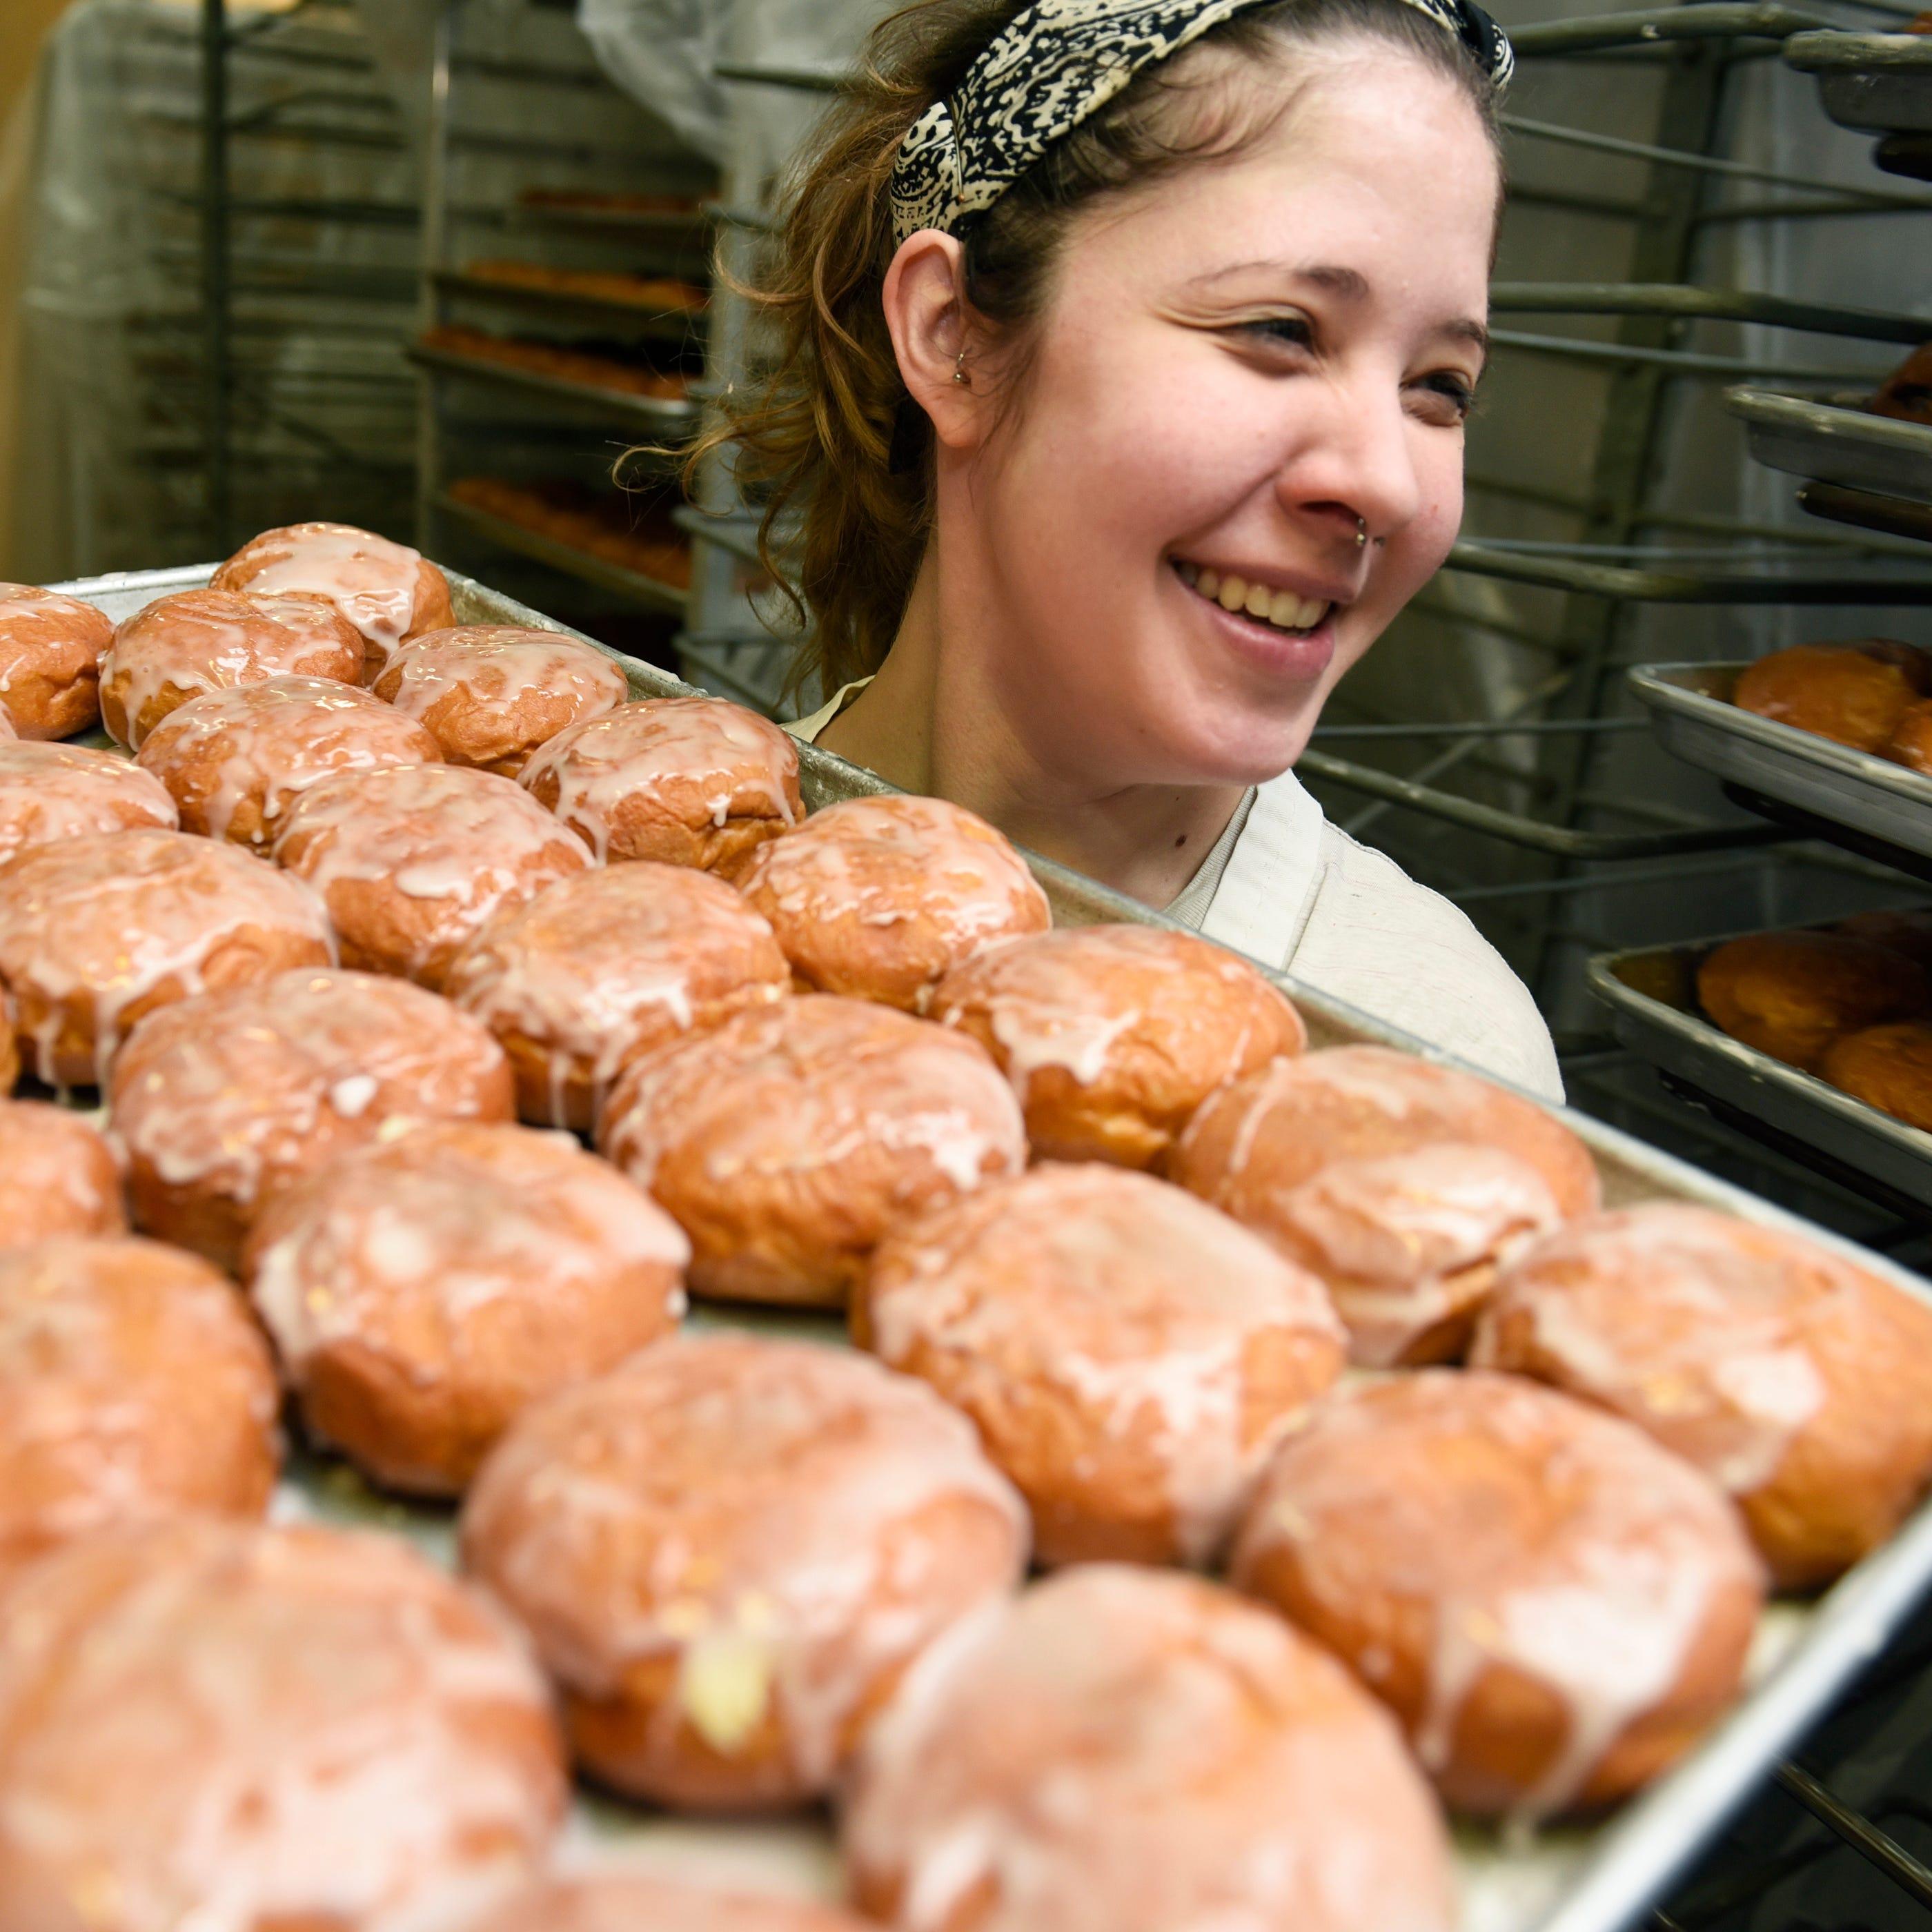 Metro Detroit paczki bakeries jam-packed on Fat Tuesday